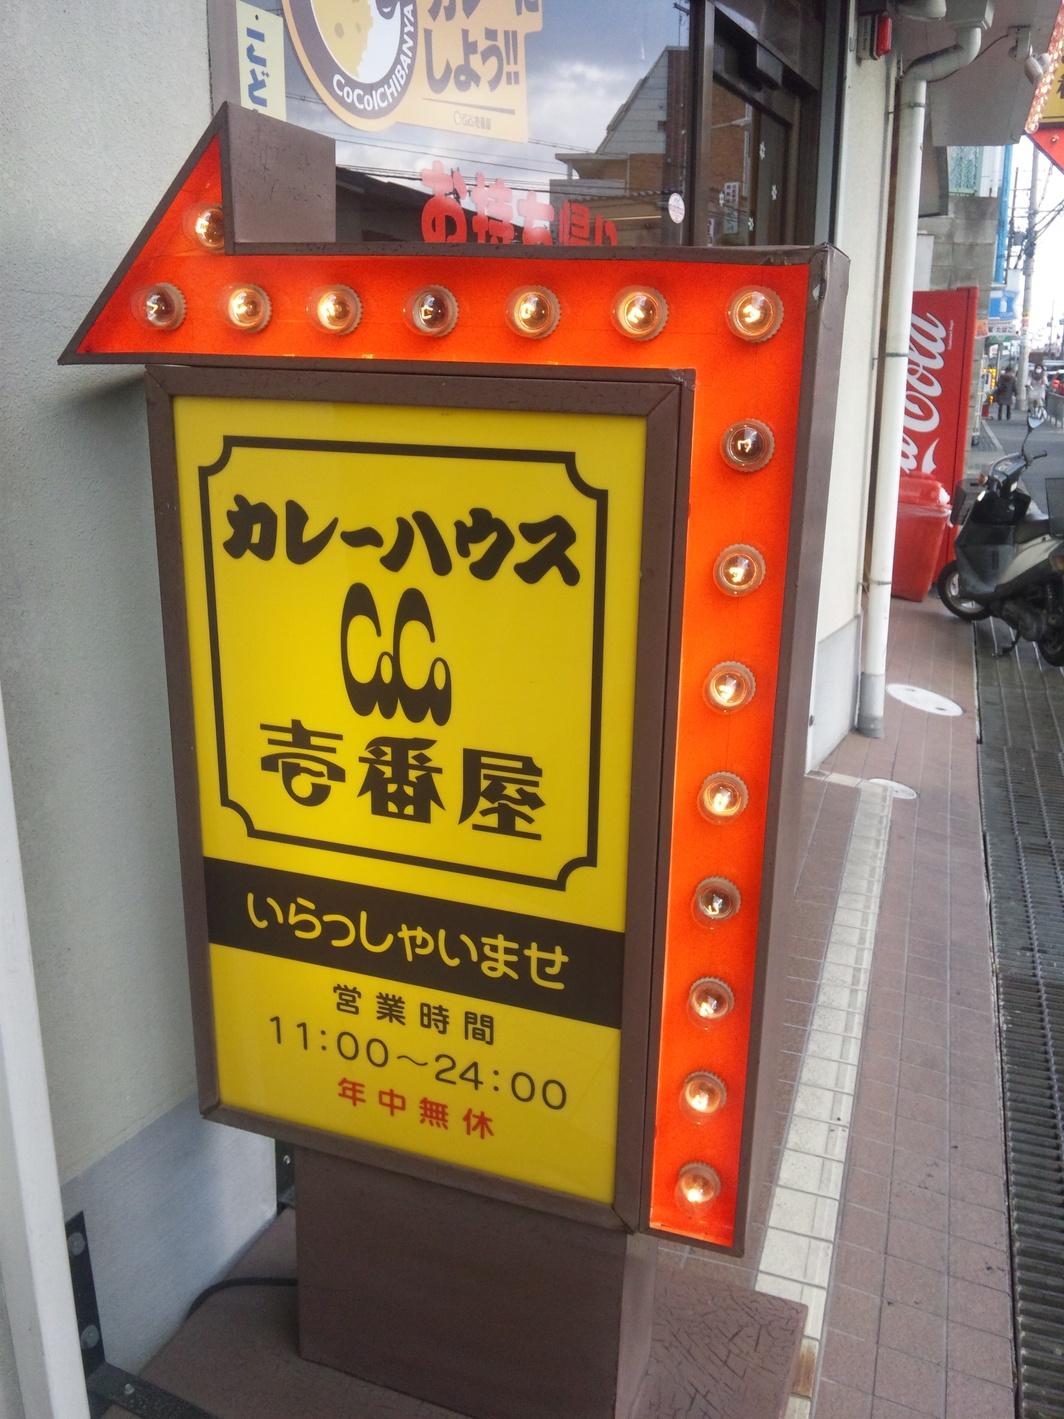 カレーハウス CoCo壱番屋 阪急豊中駅前店